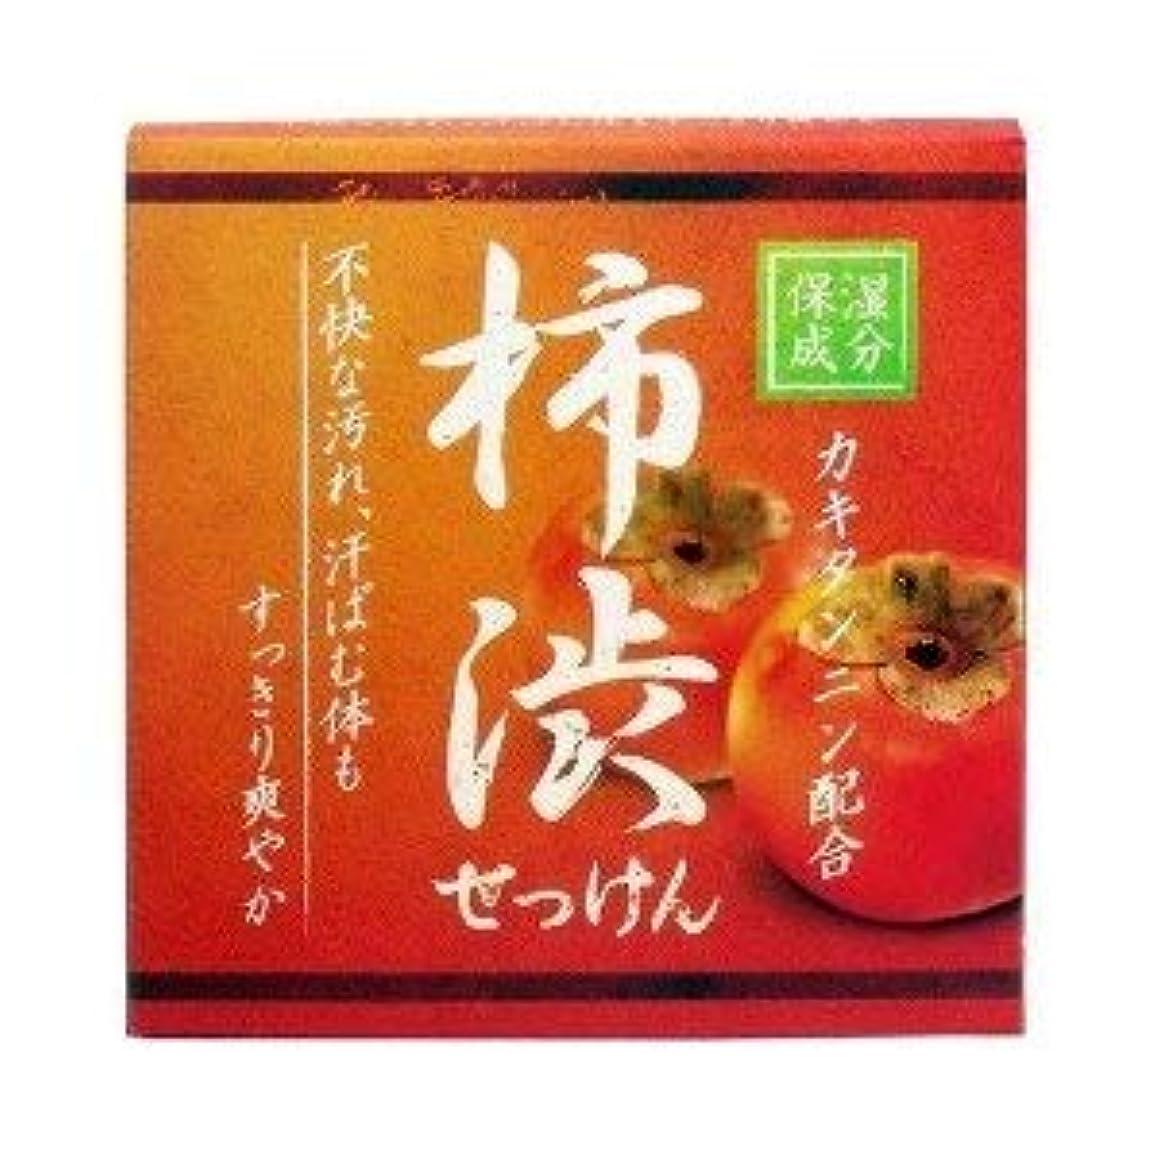 指定ふける降雨柿渋配合せっけん カキタンニン配合保湿成分 80g×2 2個1セット 石鹸